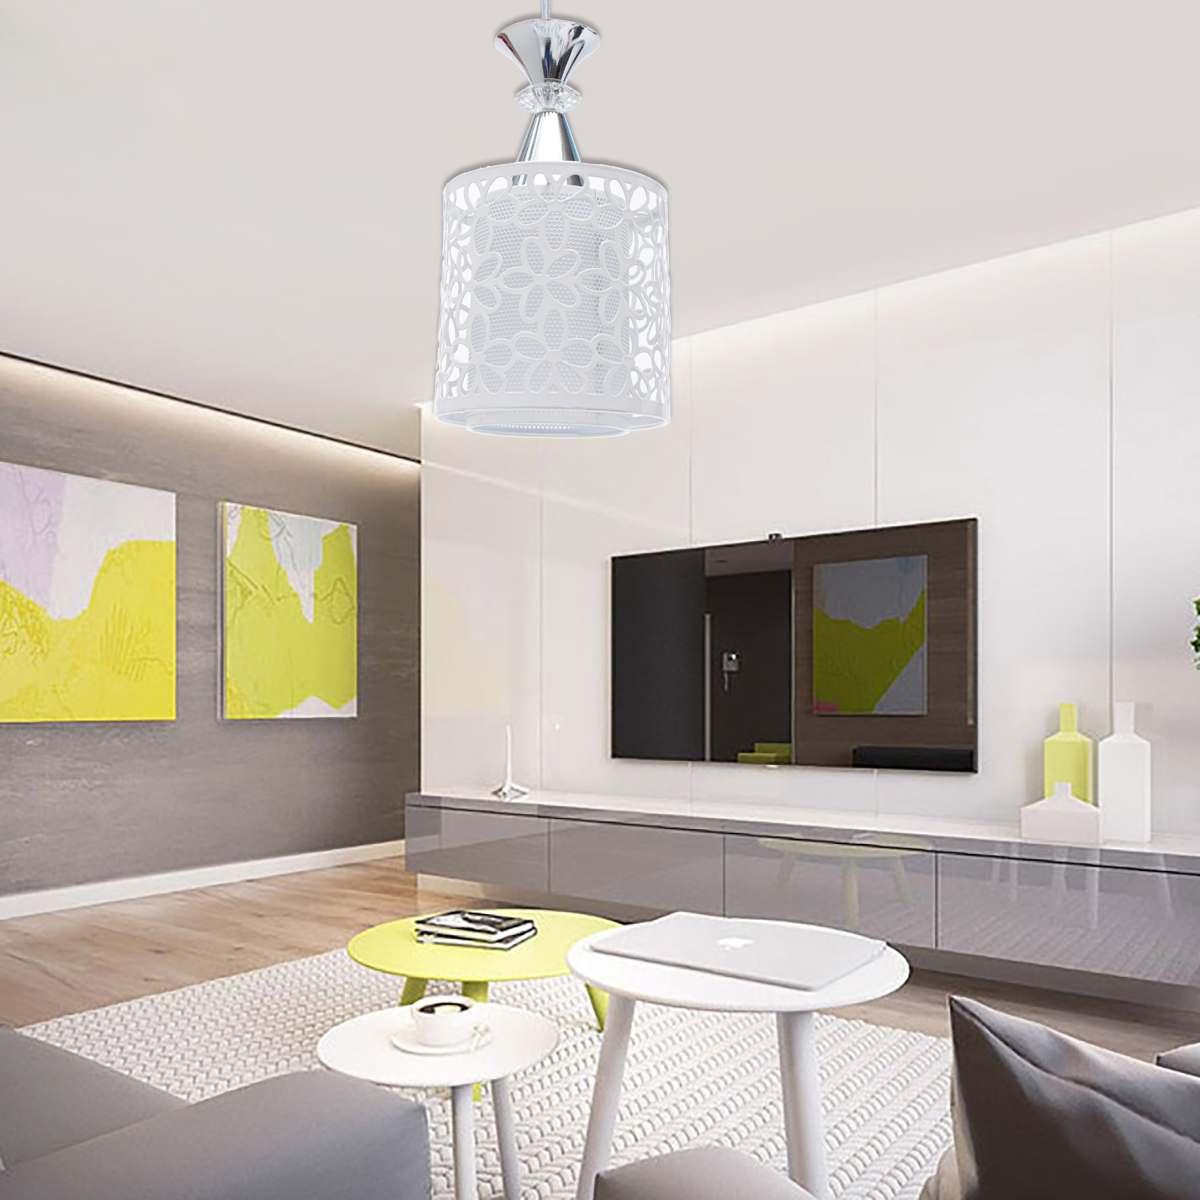 Современный хрустальный Железный светодиодный потолочный светильник, люстра, подвесной светильник для столовой, кухни, декоративный светильник, светильник s светодиодный